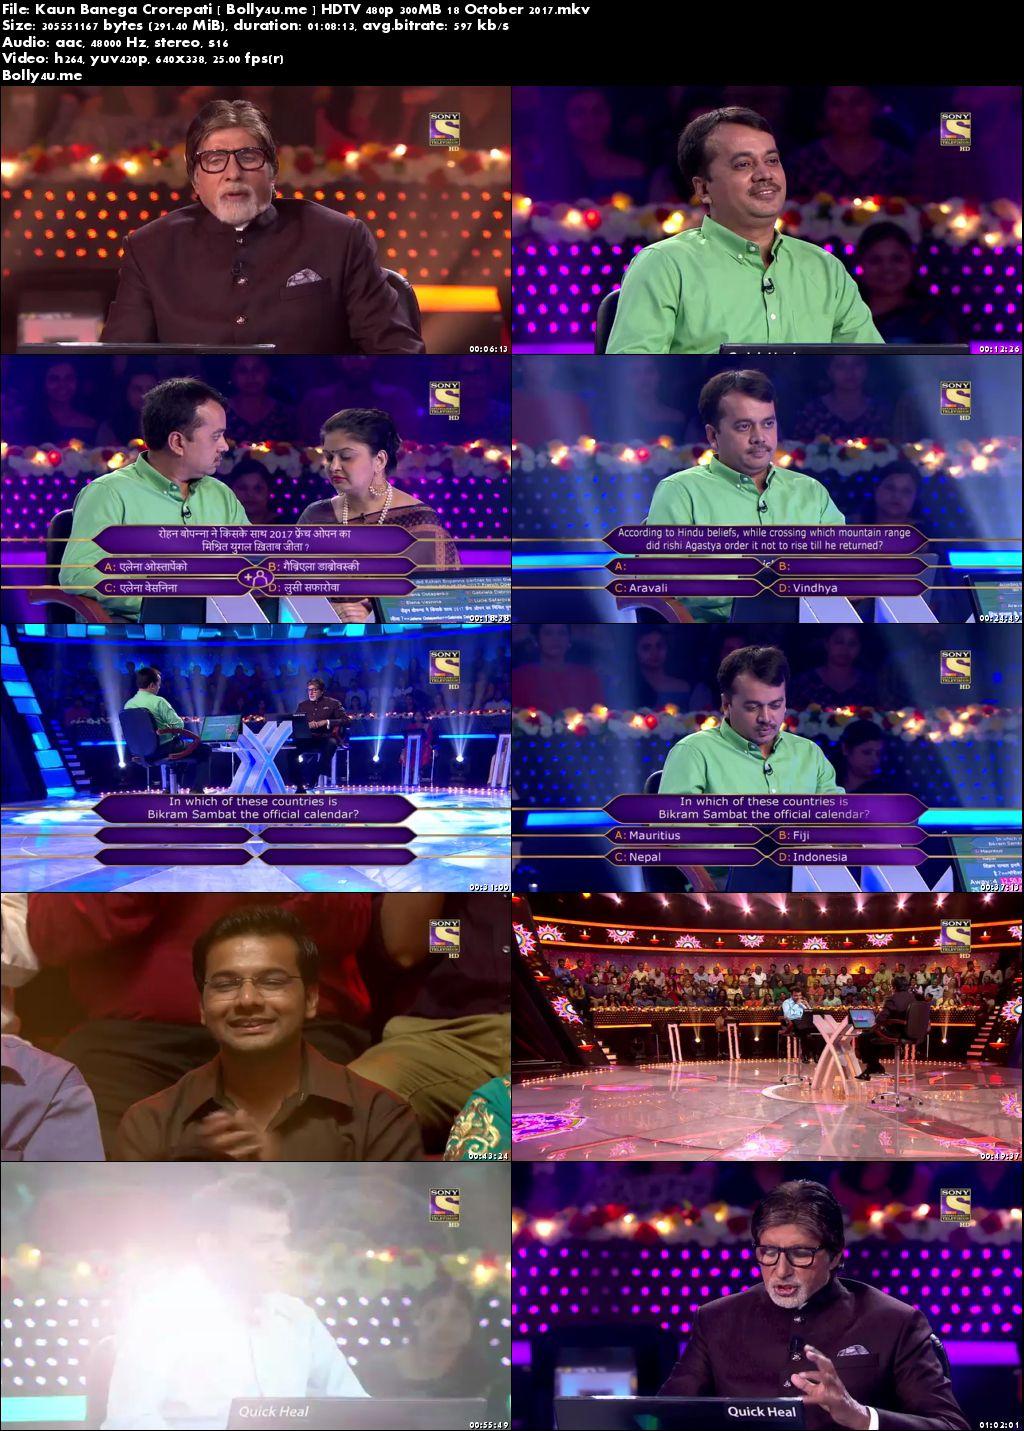 Kaun Banega Crorepati HDTV 480p 300MB 18 October 2017 Download